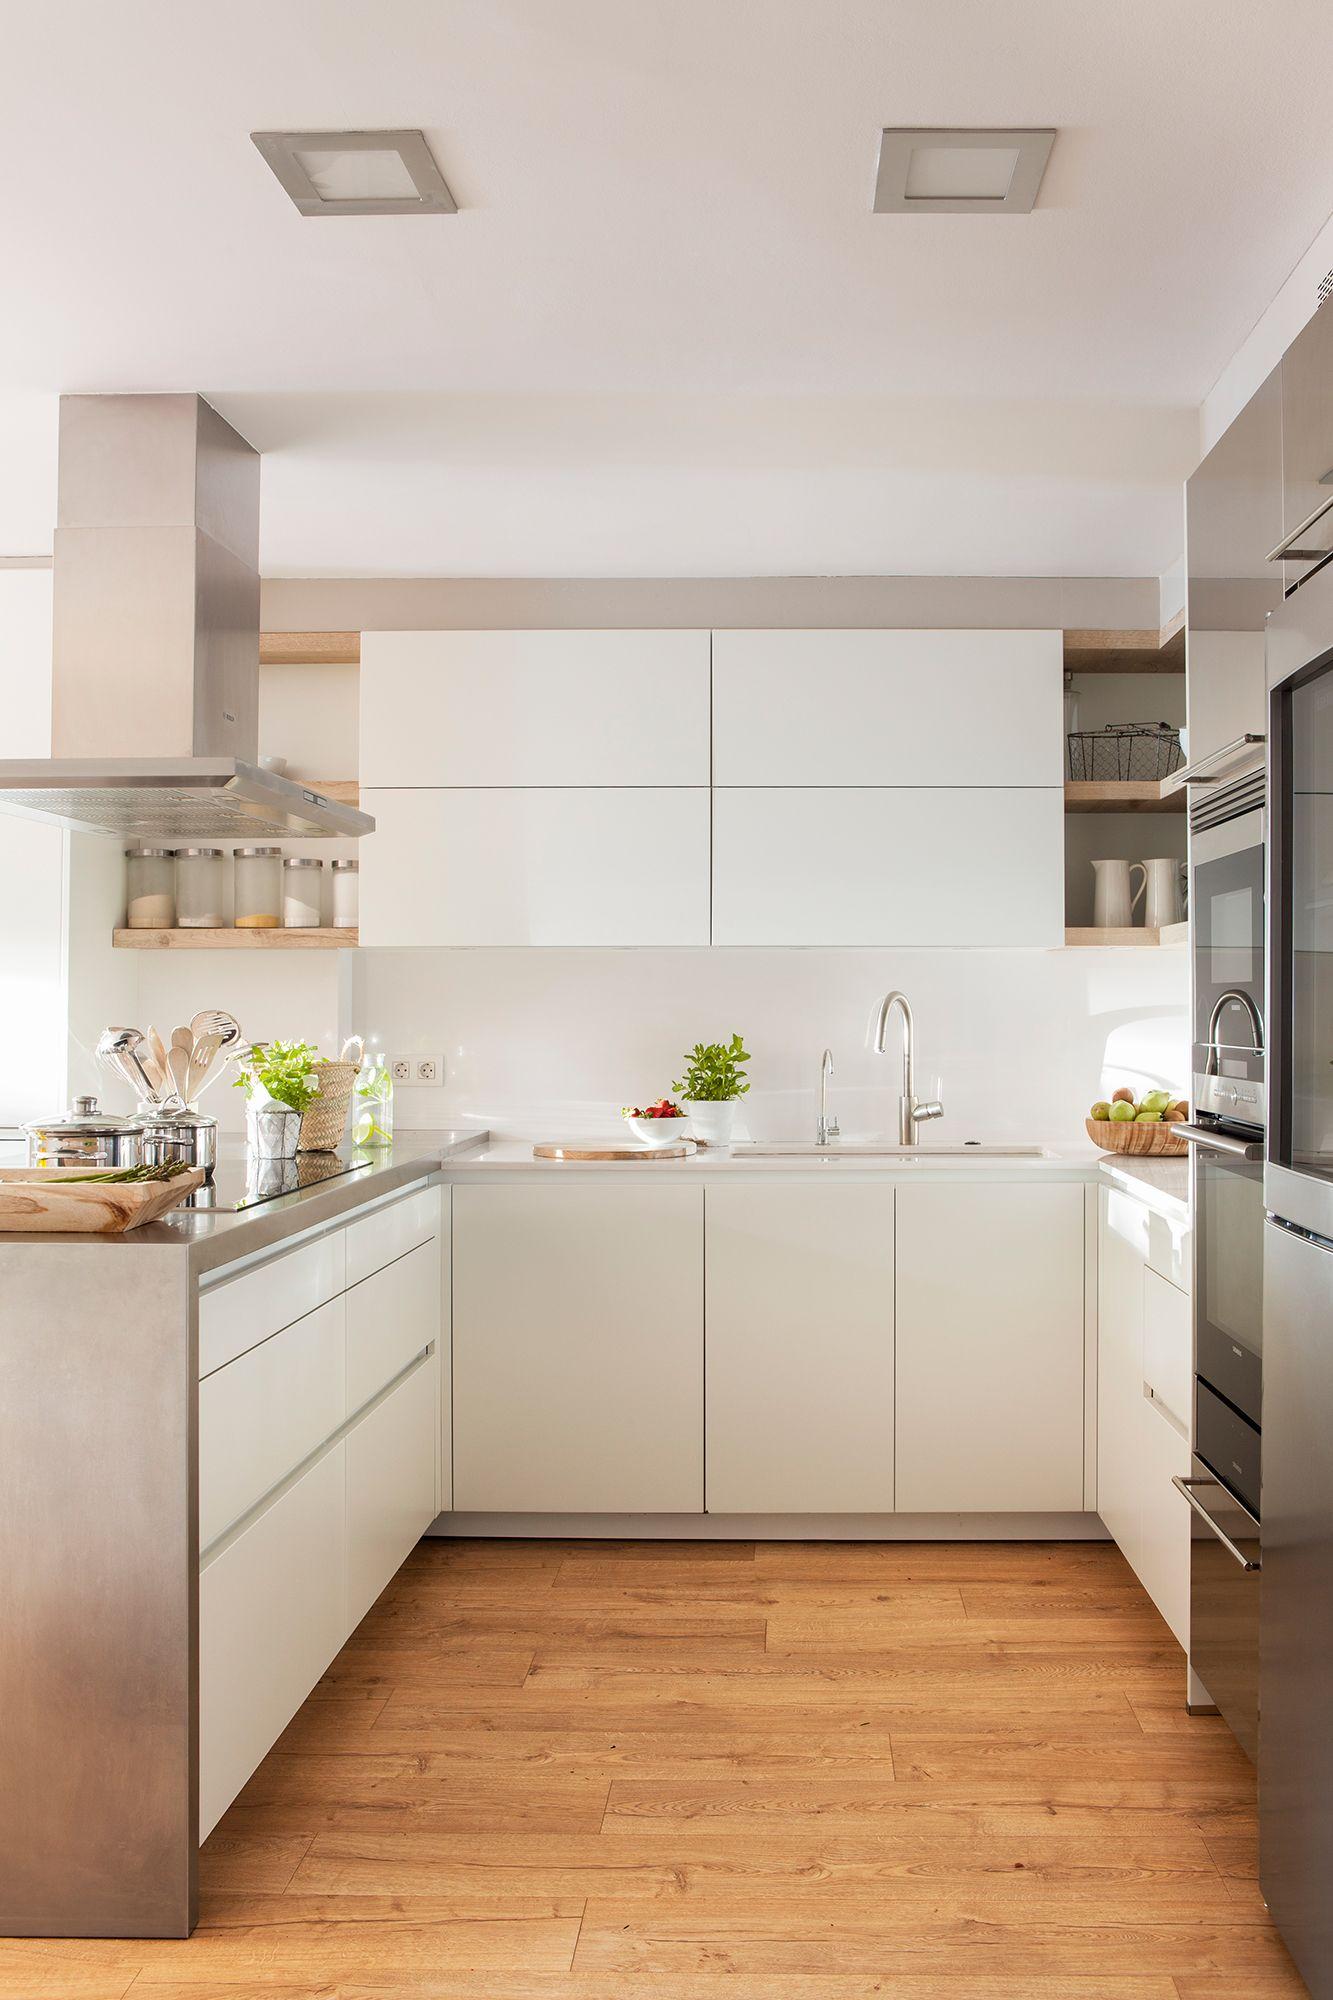 Cocina con muebles en blanco y suelo de madera 00429330 - Suelos para cocinas ...